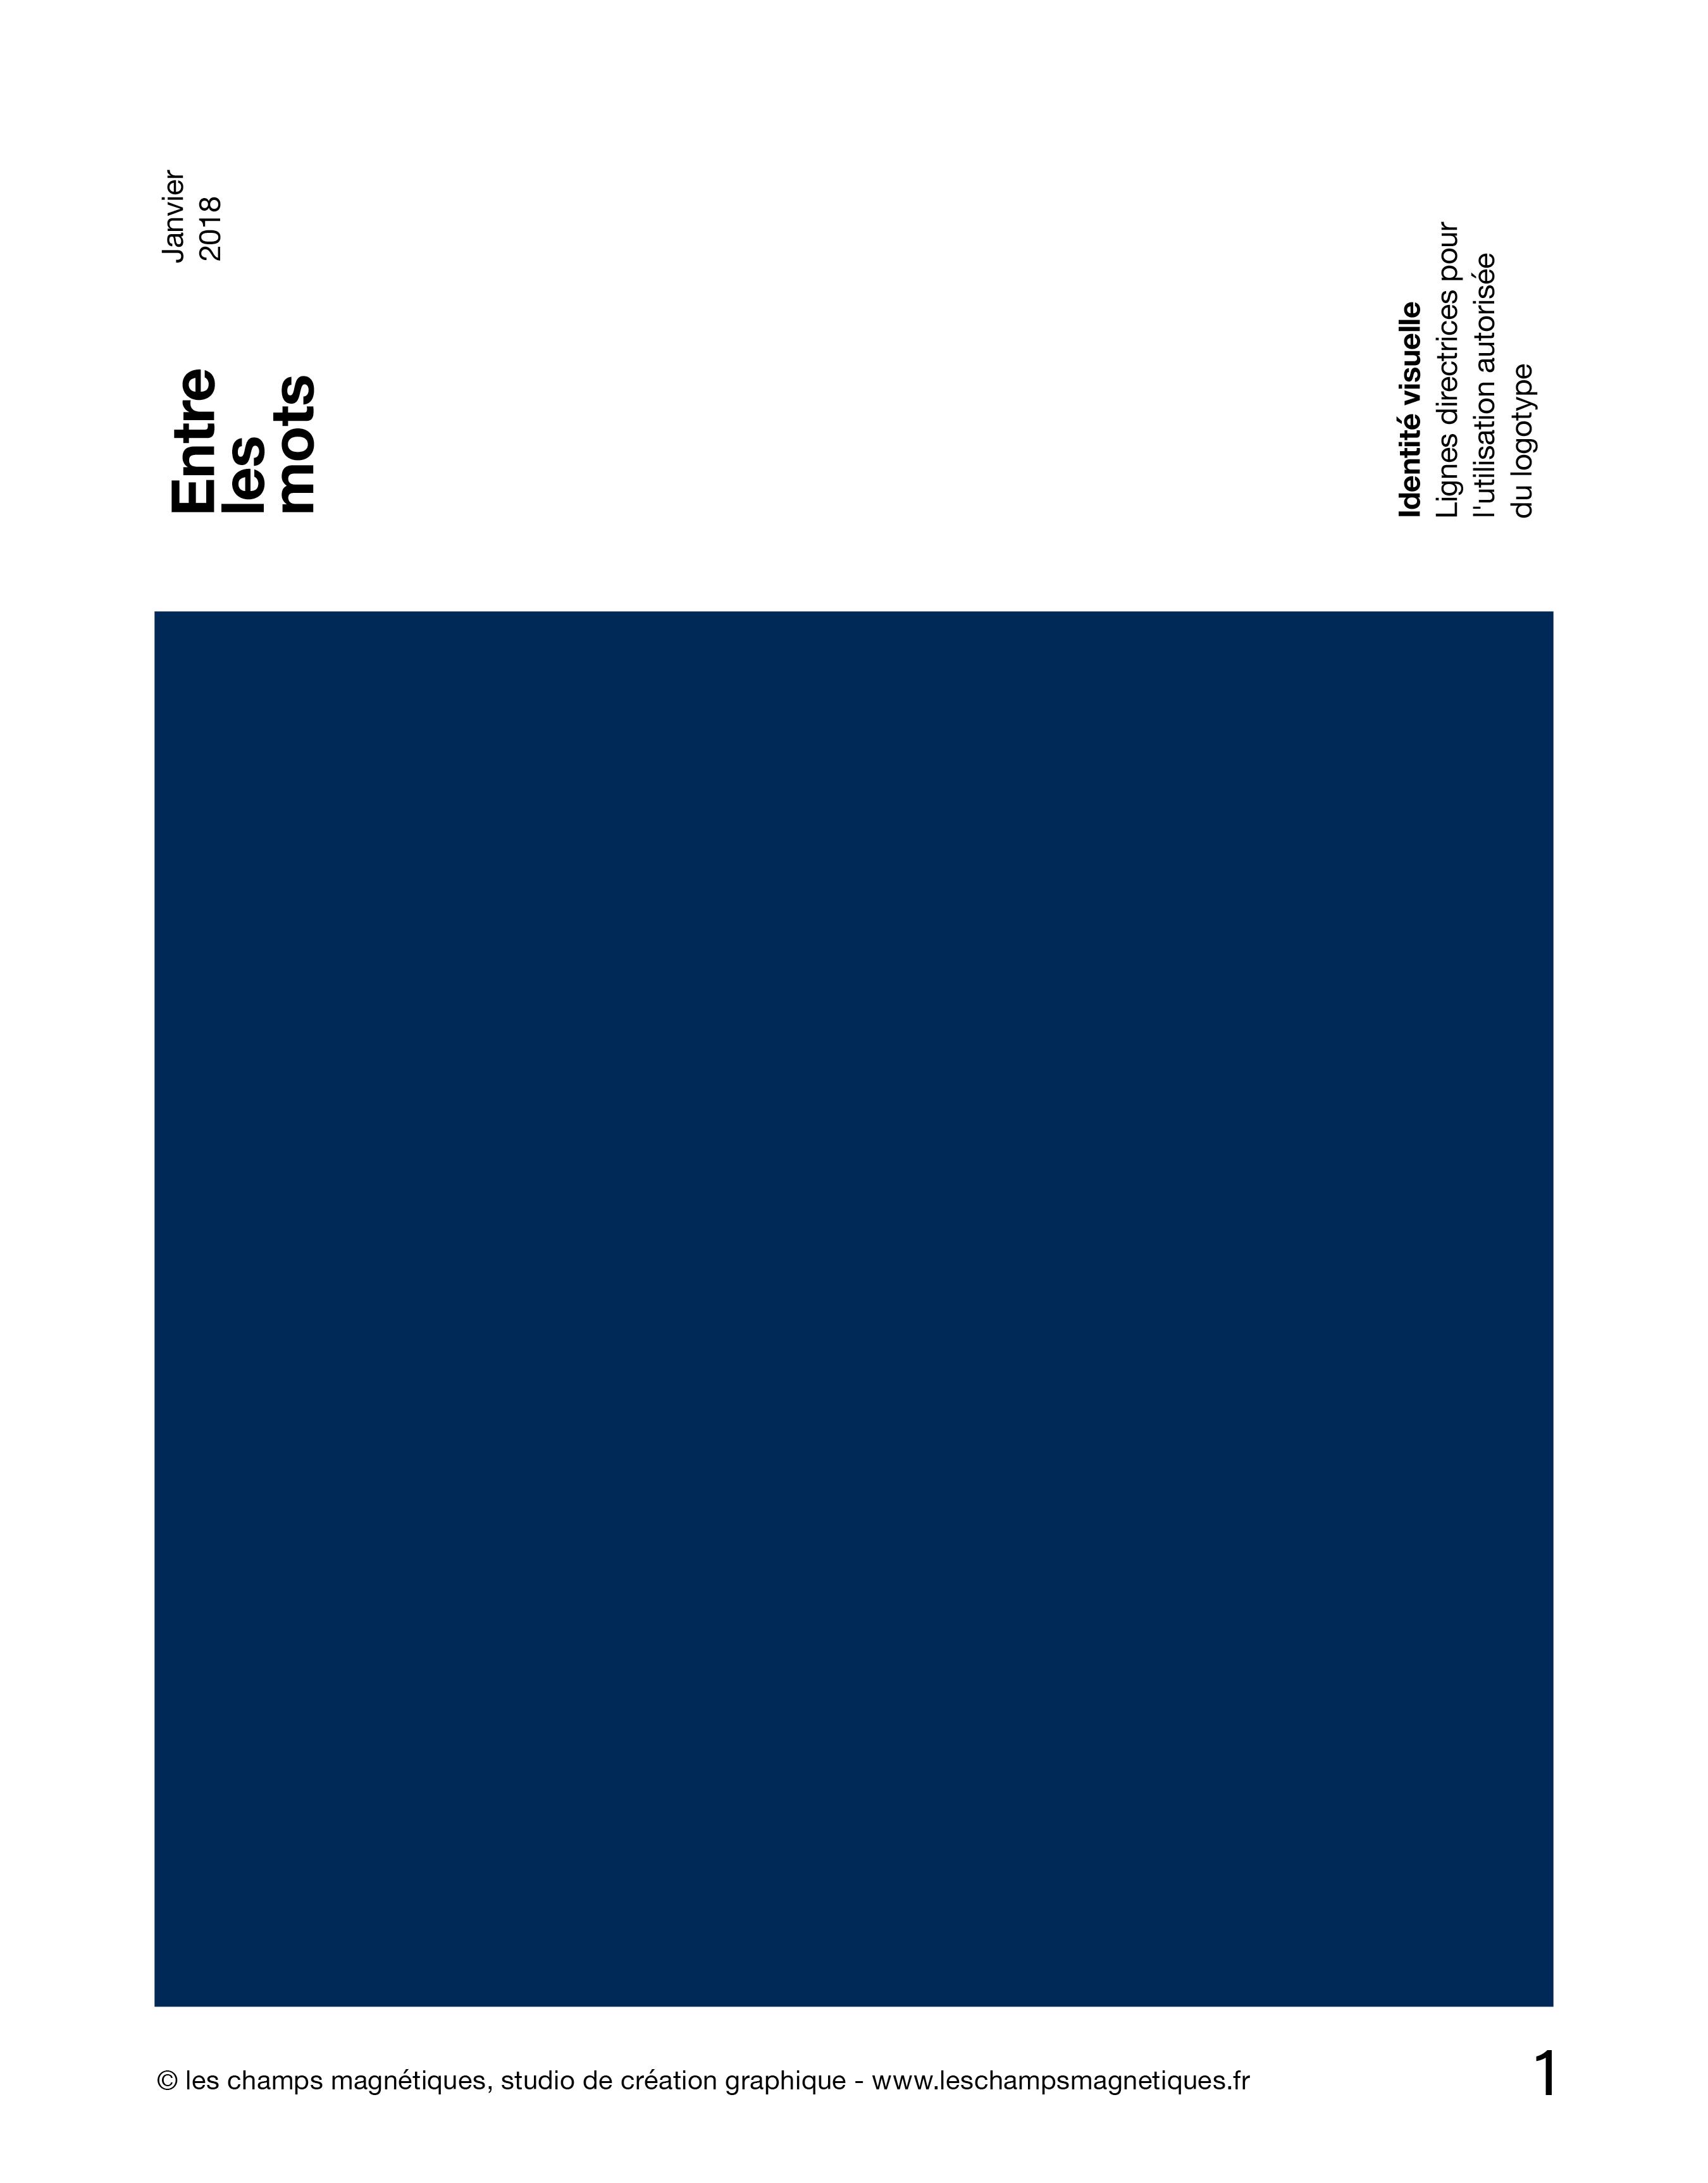 Logo, identité visuelle, création graphique pour Entre les Mots, Nouvelle Aquitaine